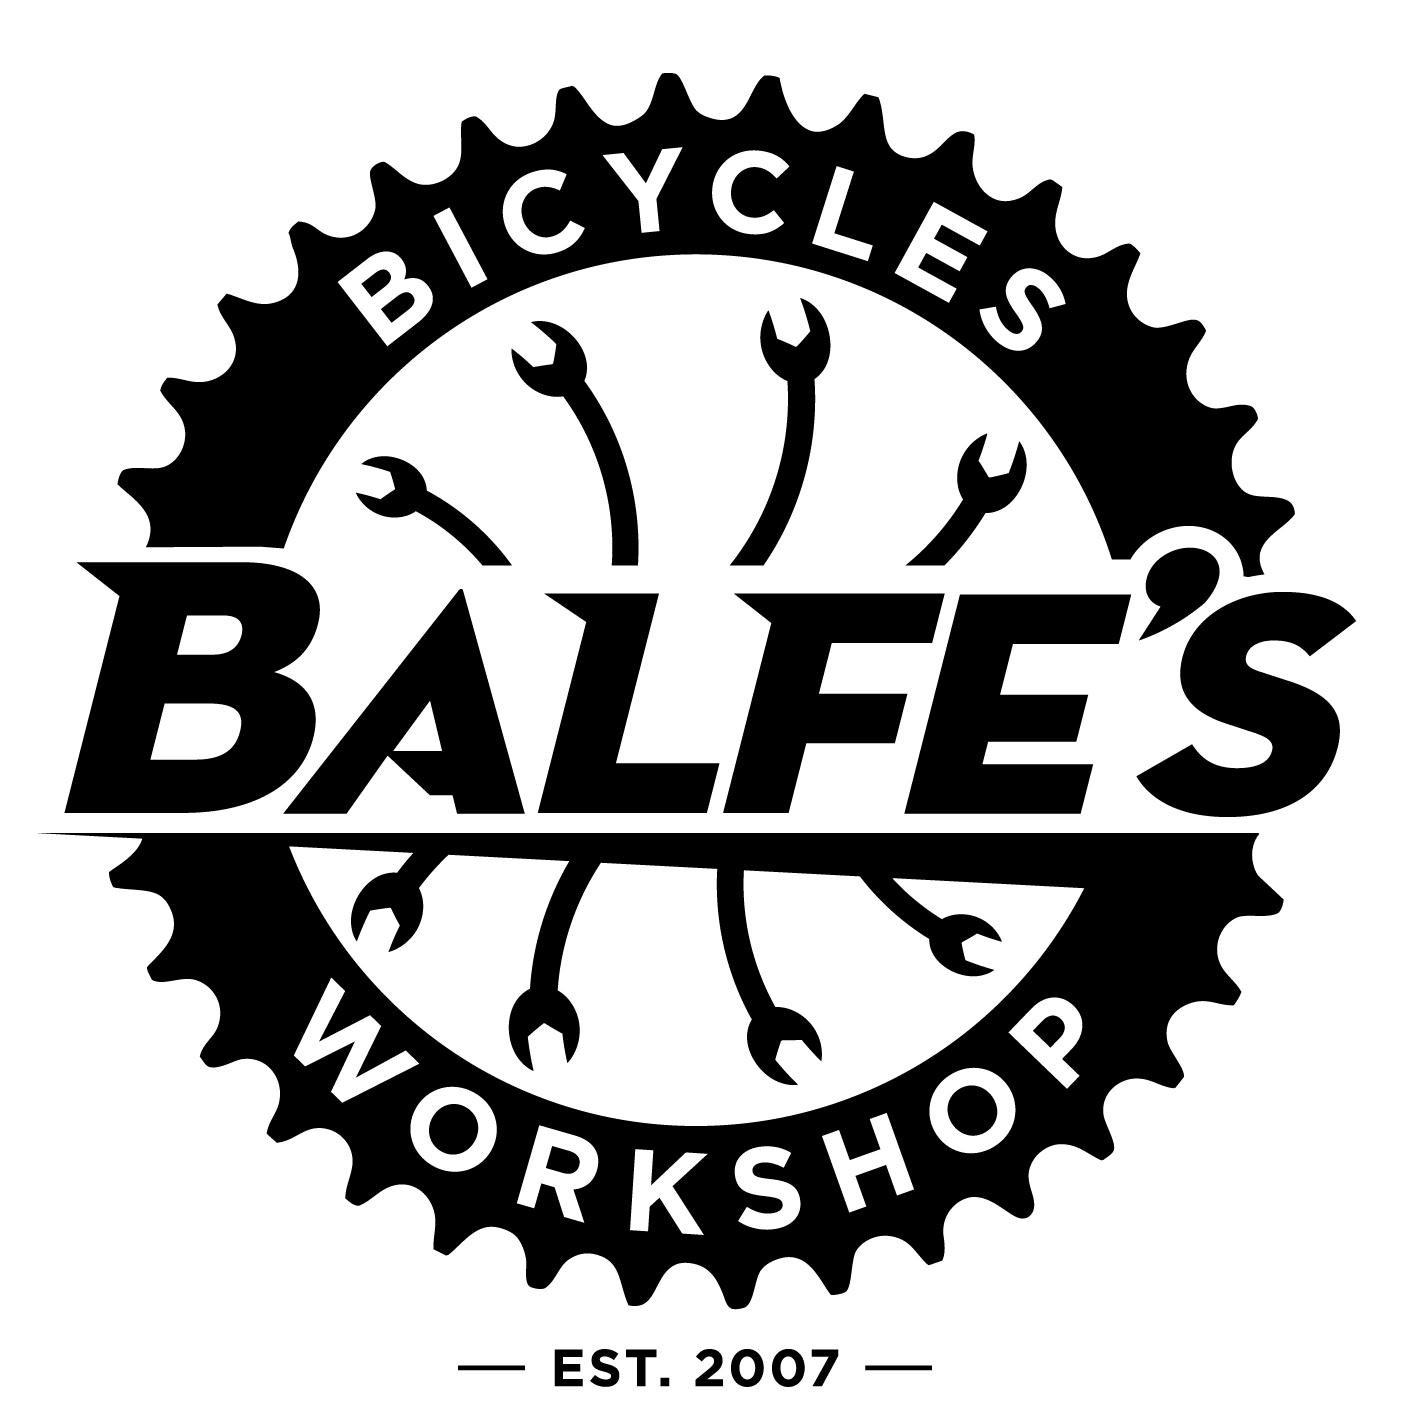 Balfes Bikes